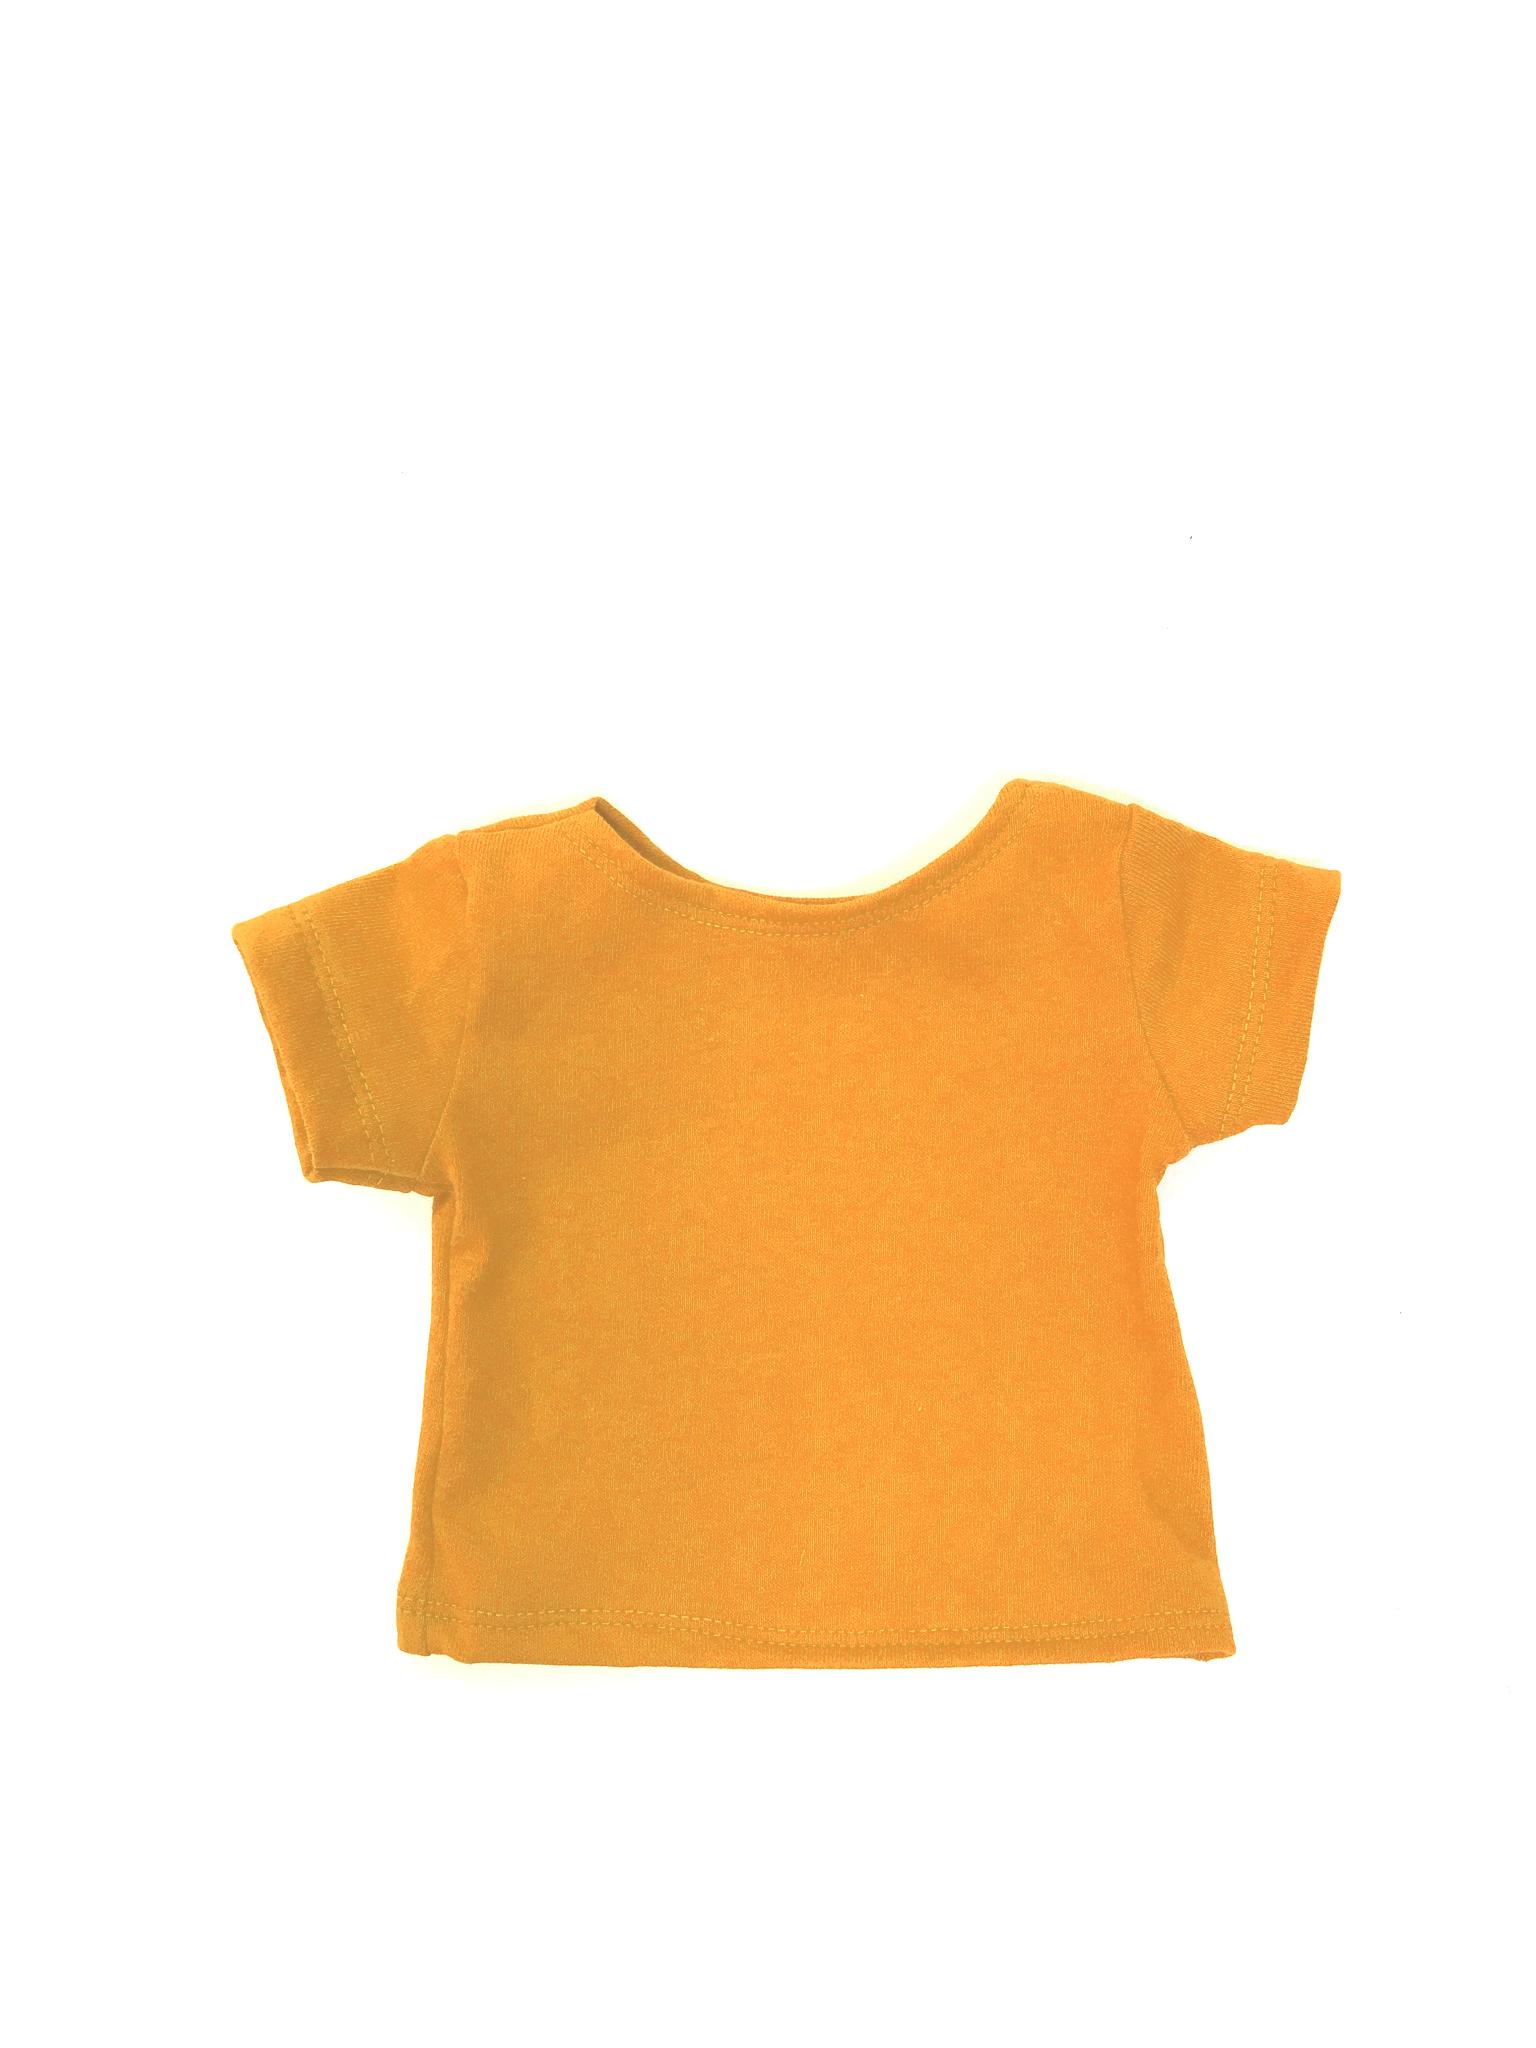 IMG_0271-yellow.jpg